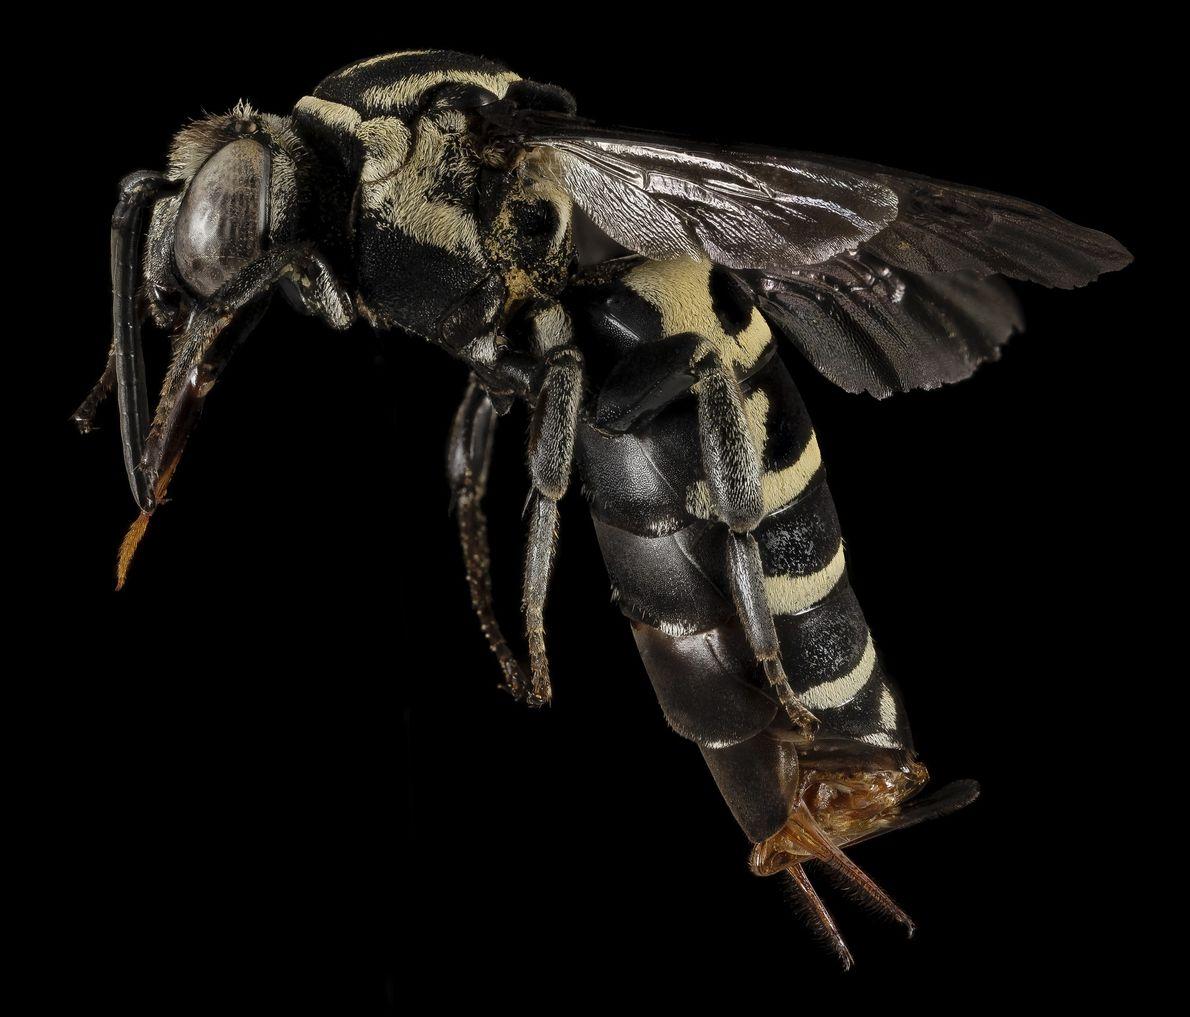 Um espécime raro de Triepeolus monardae foi avistado por um investigador.